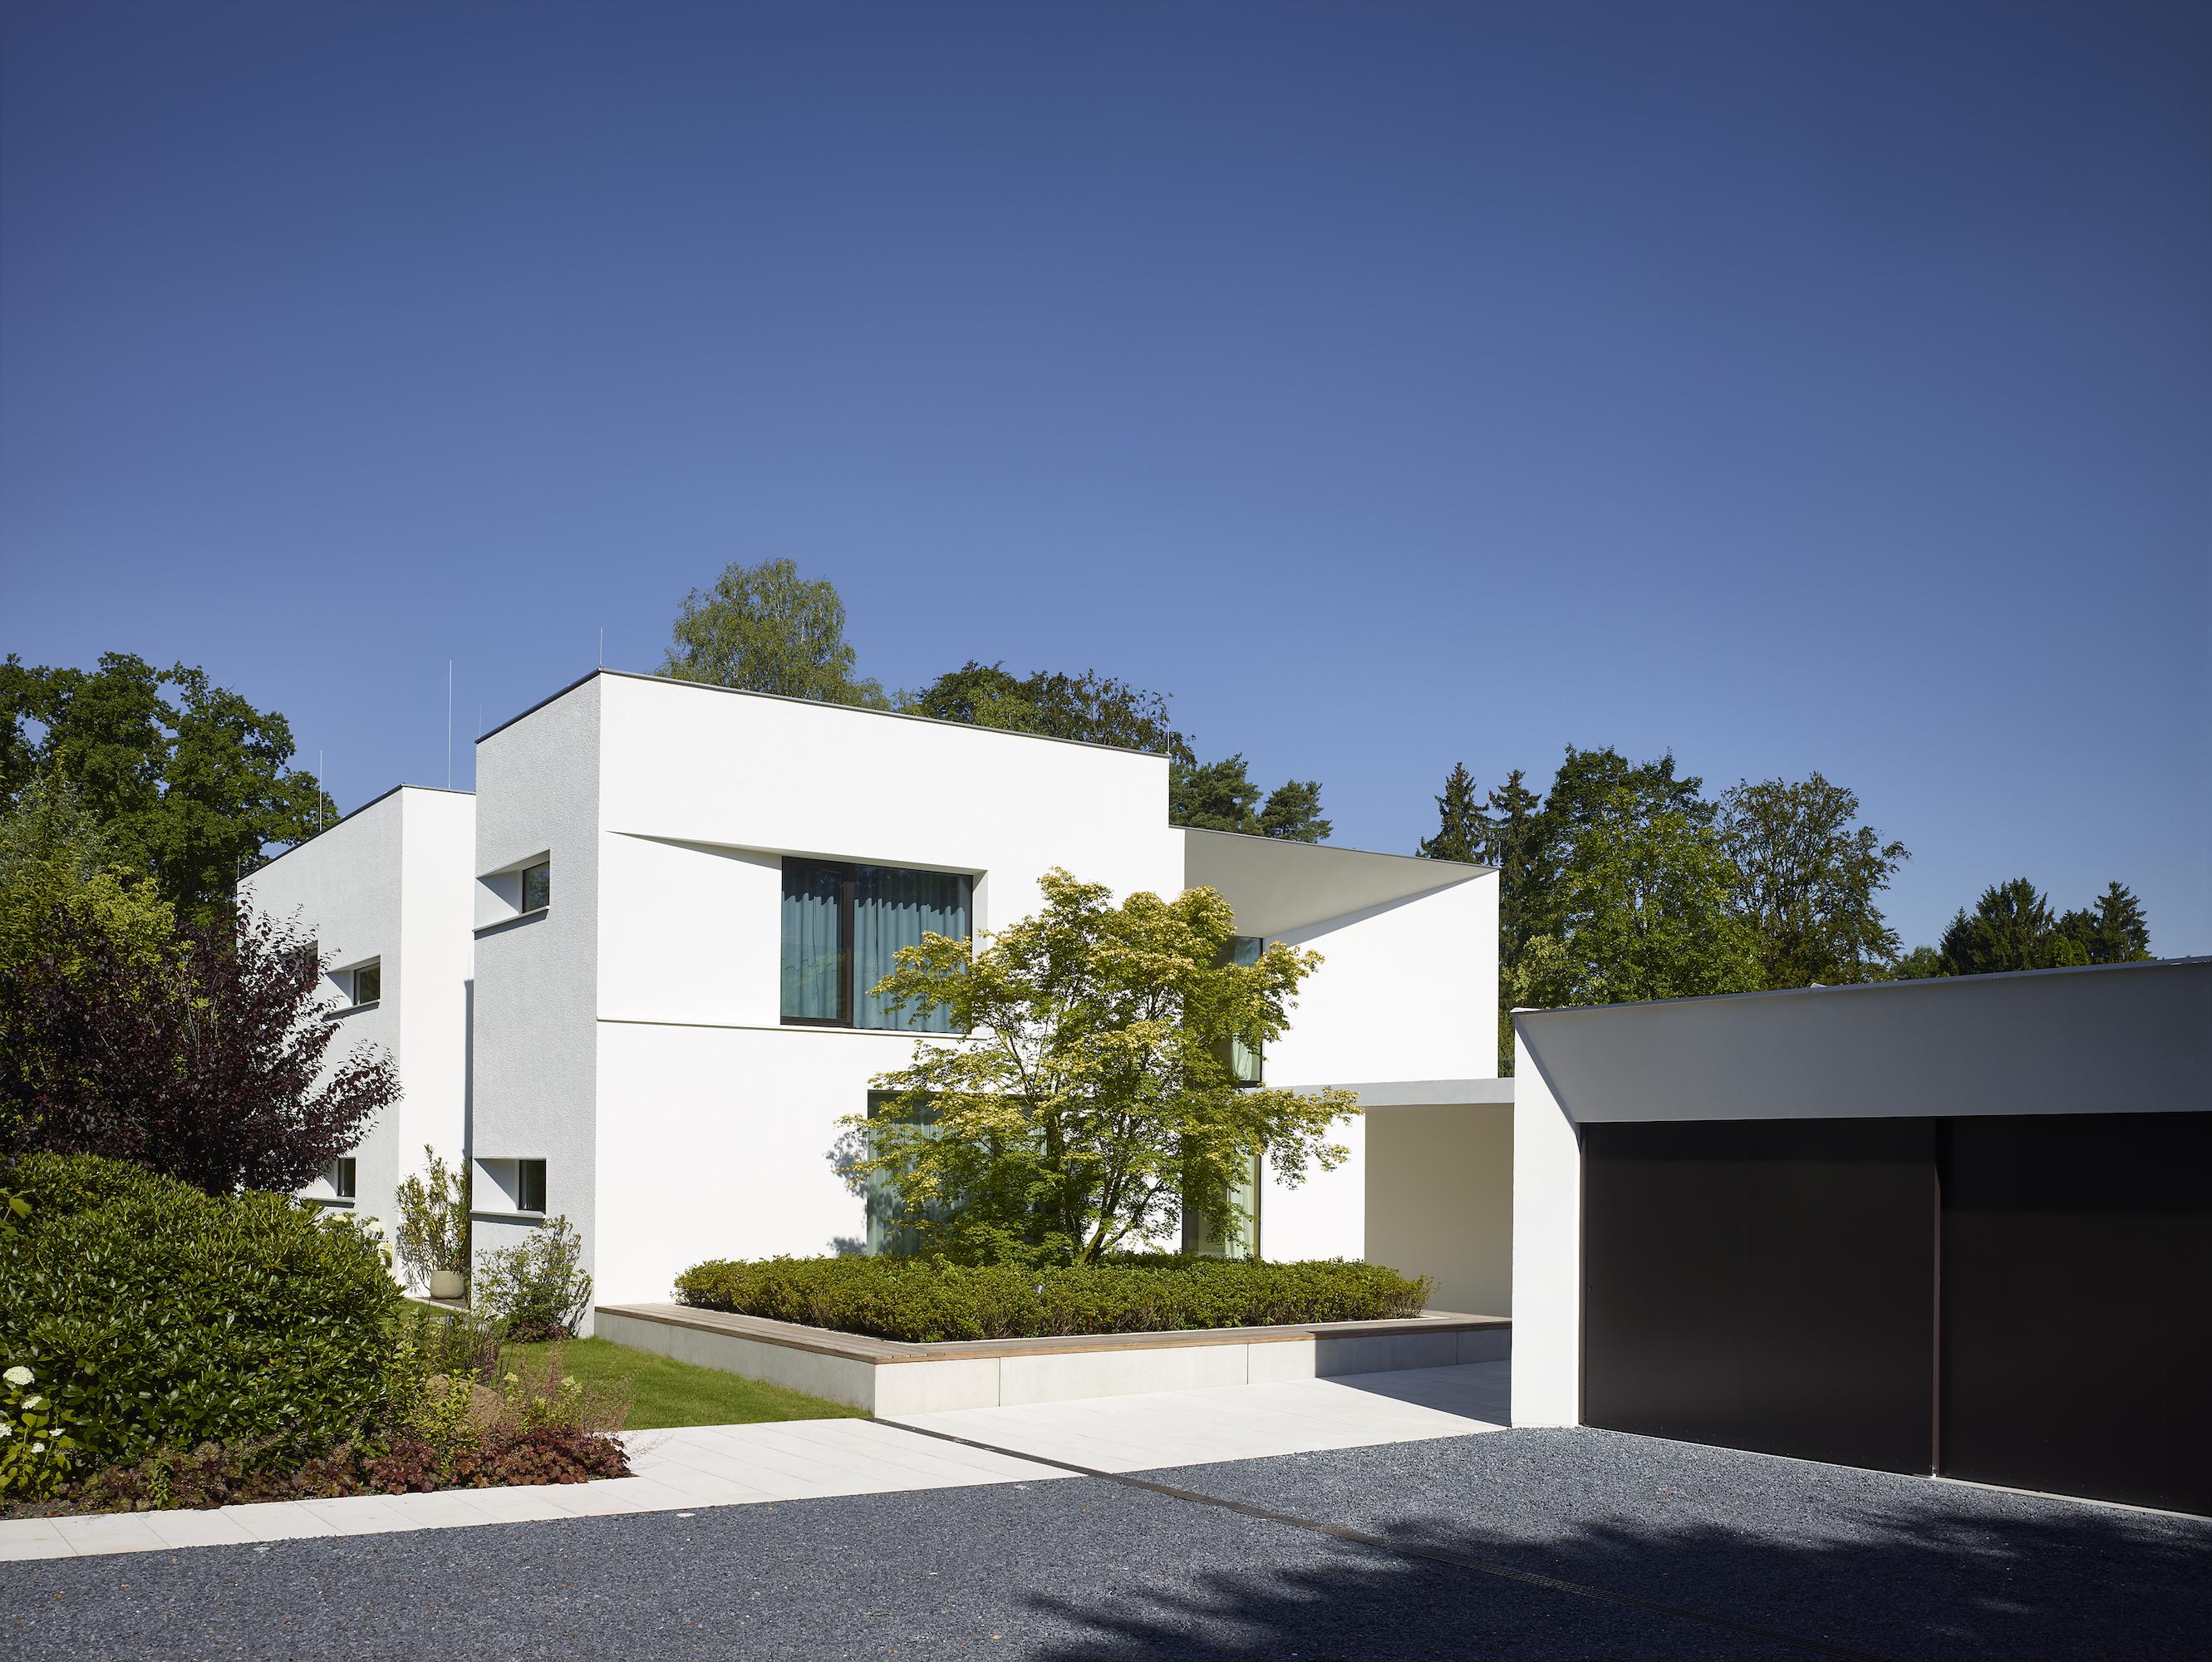 Haus am See – Titus Bernhard Architekten